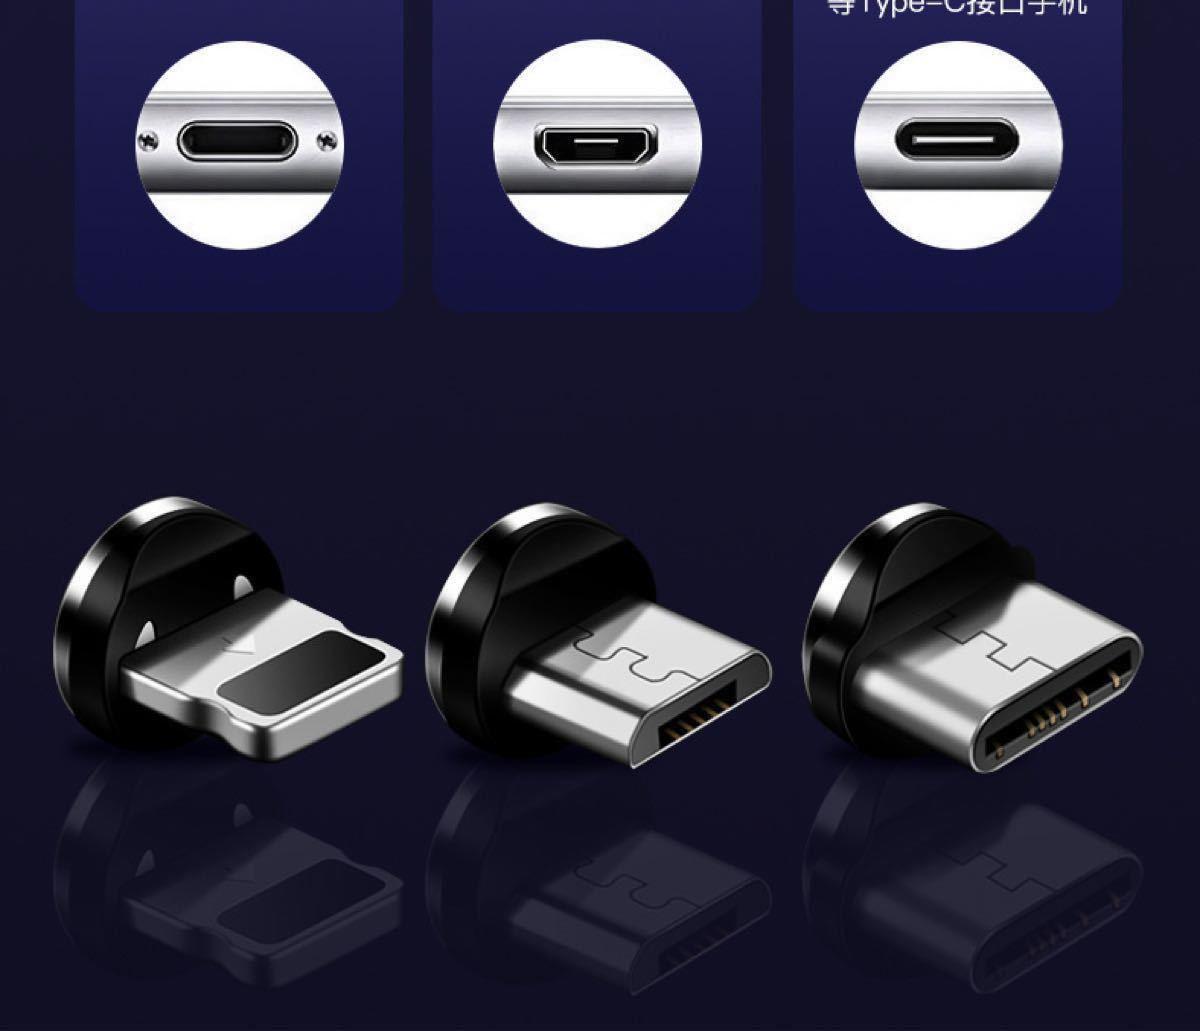 マグネット充電ケーブル 1M iPhone Android TYPE-C 急速充電 3本セット磁石式 ケーブル アイフォンケーブル